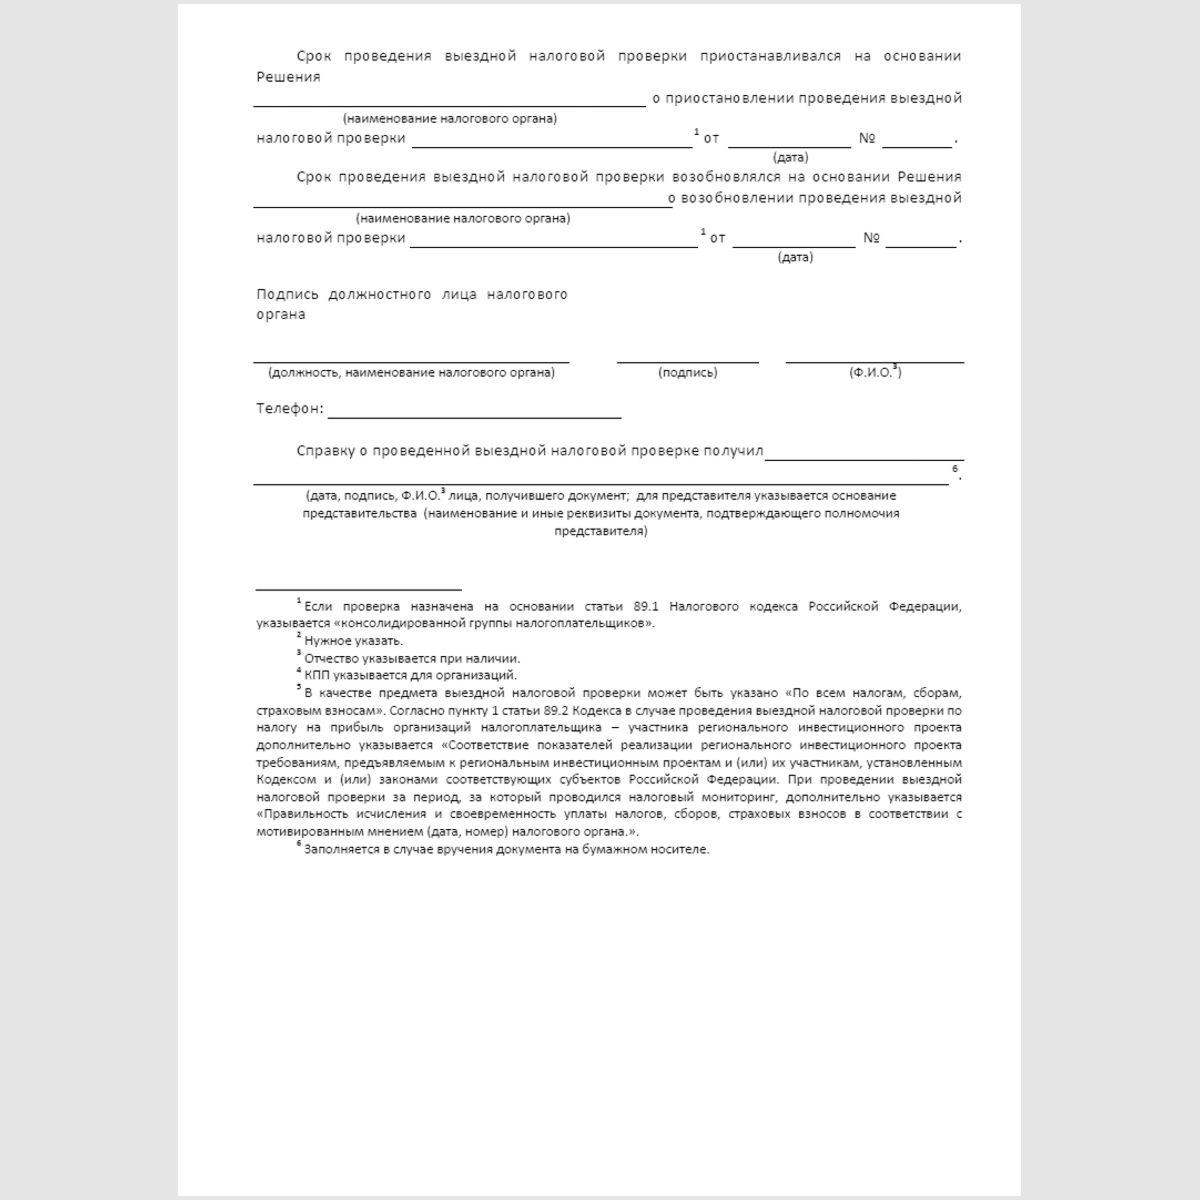 """Форма КНД 1165010 """"Справка о проведенной выездной налоговой проверке"""". Стр. 2"""